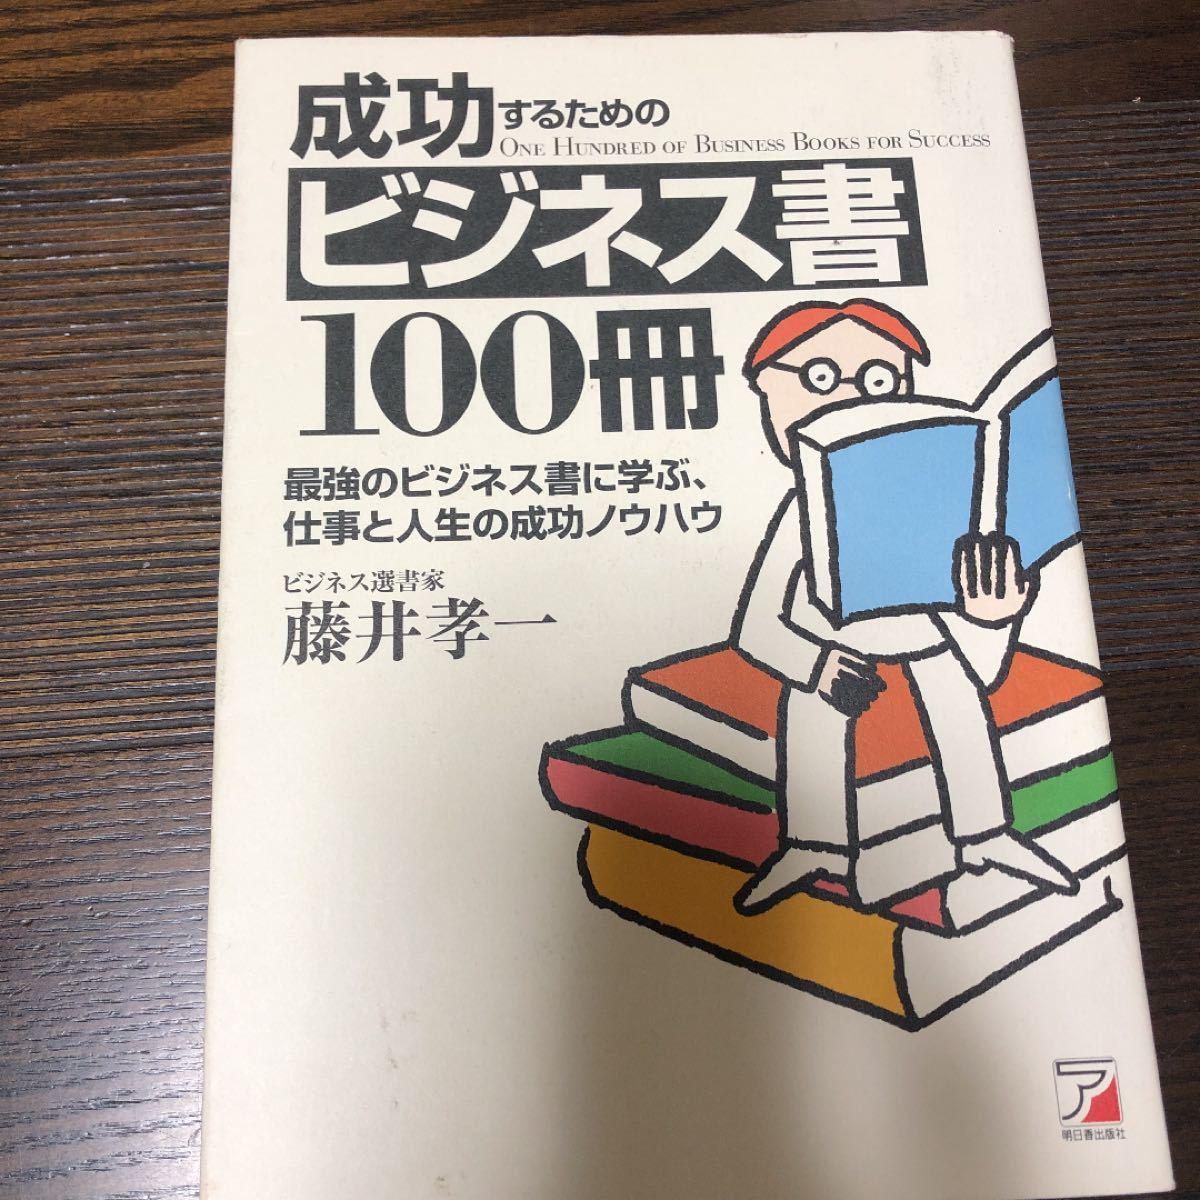 成功するためのビジネス書100冊/藤井孝一